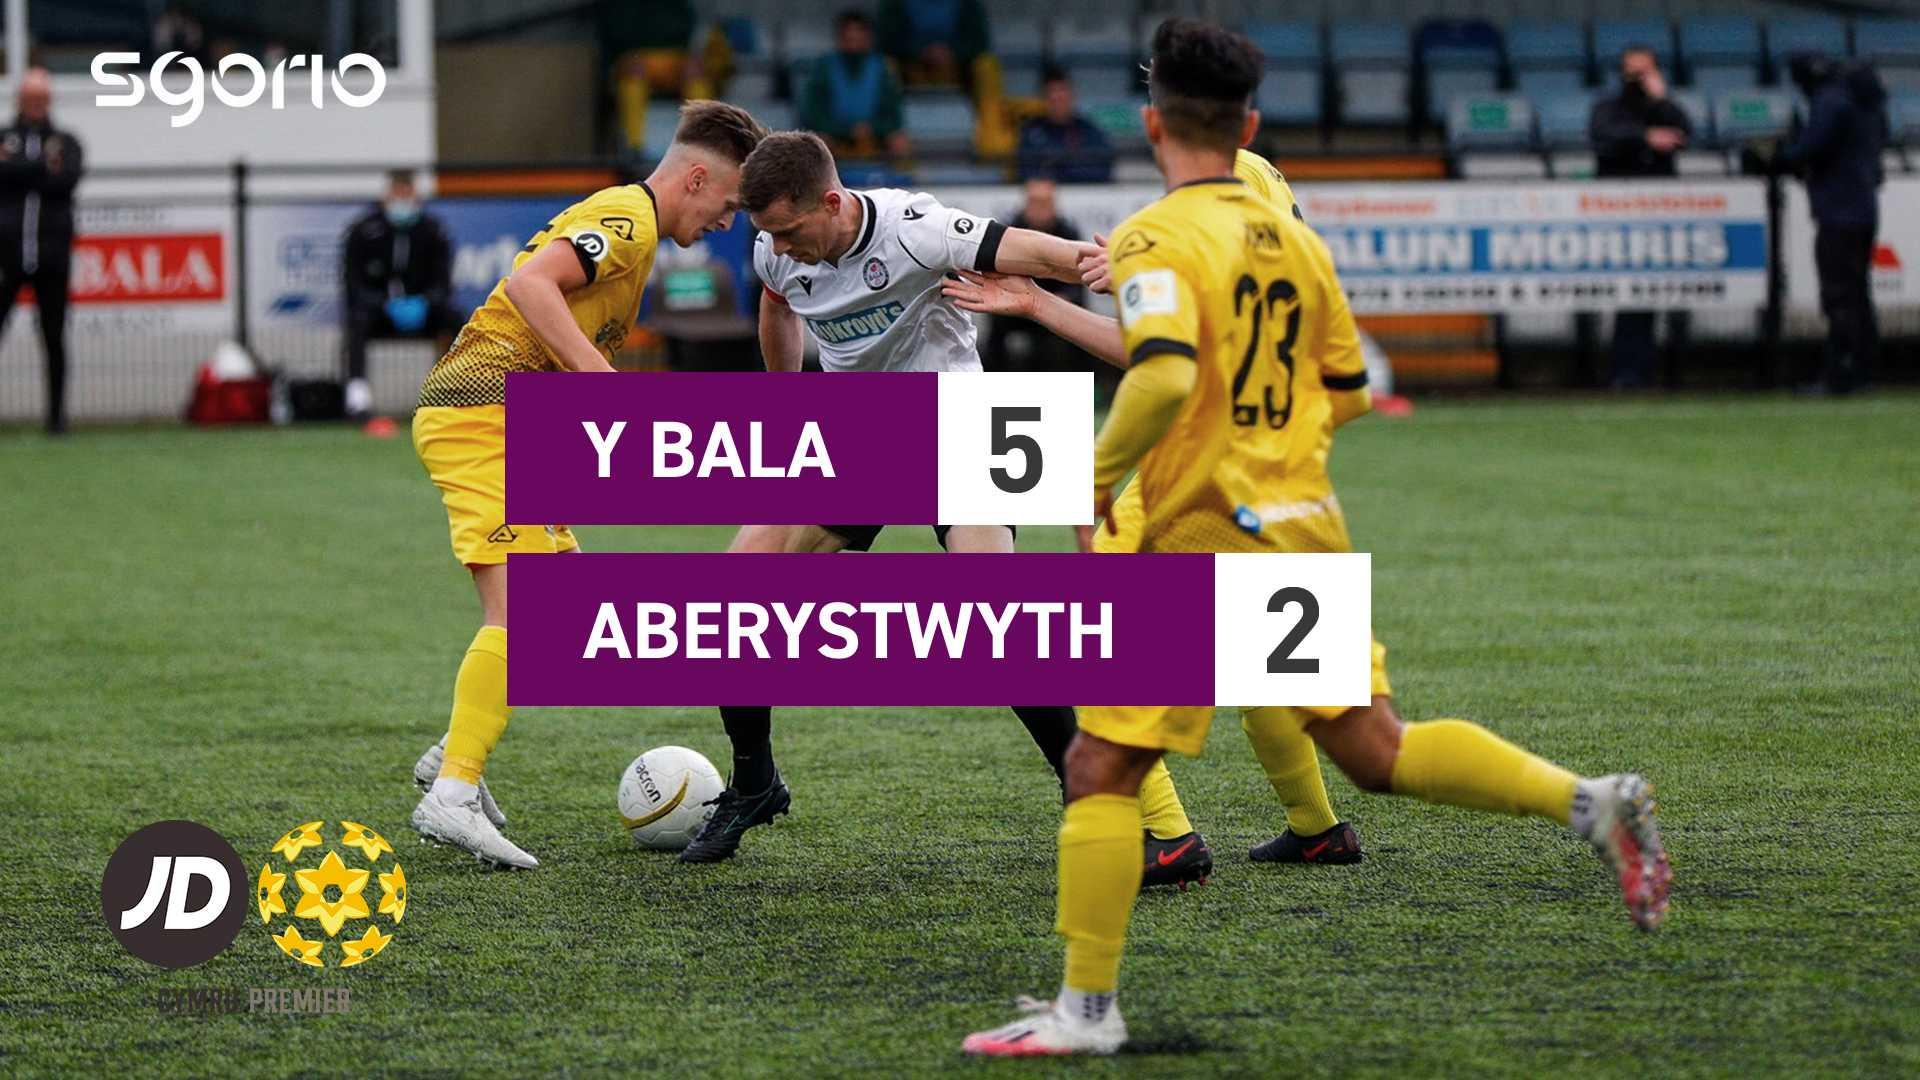 Y Bala 5-2 Aberystwyth